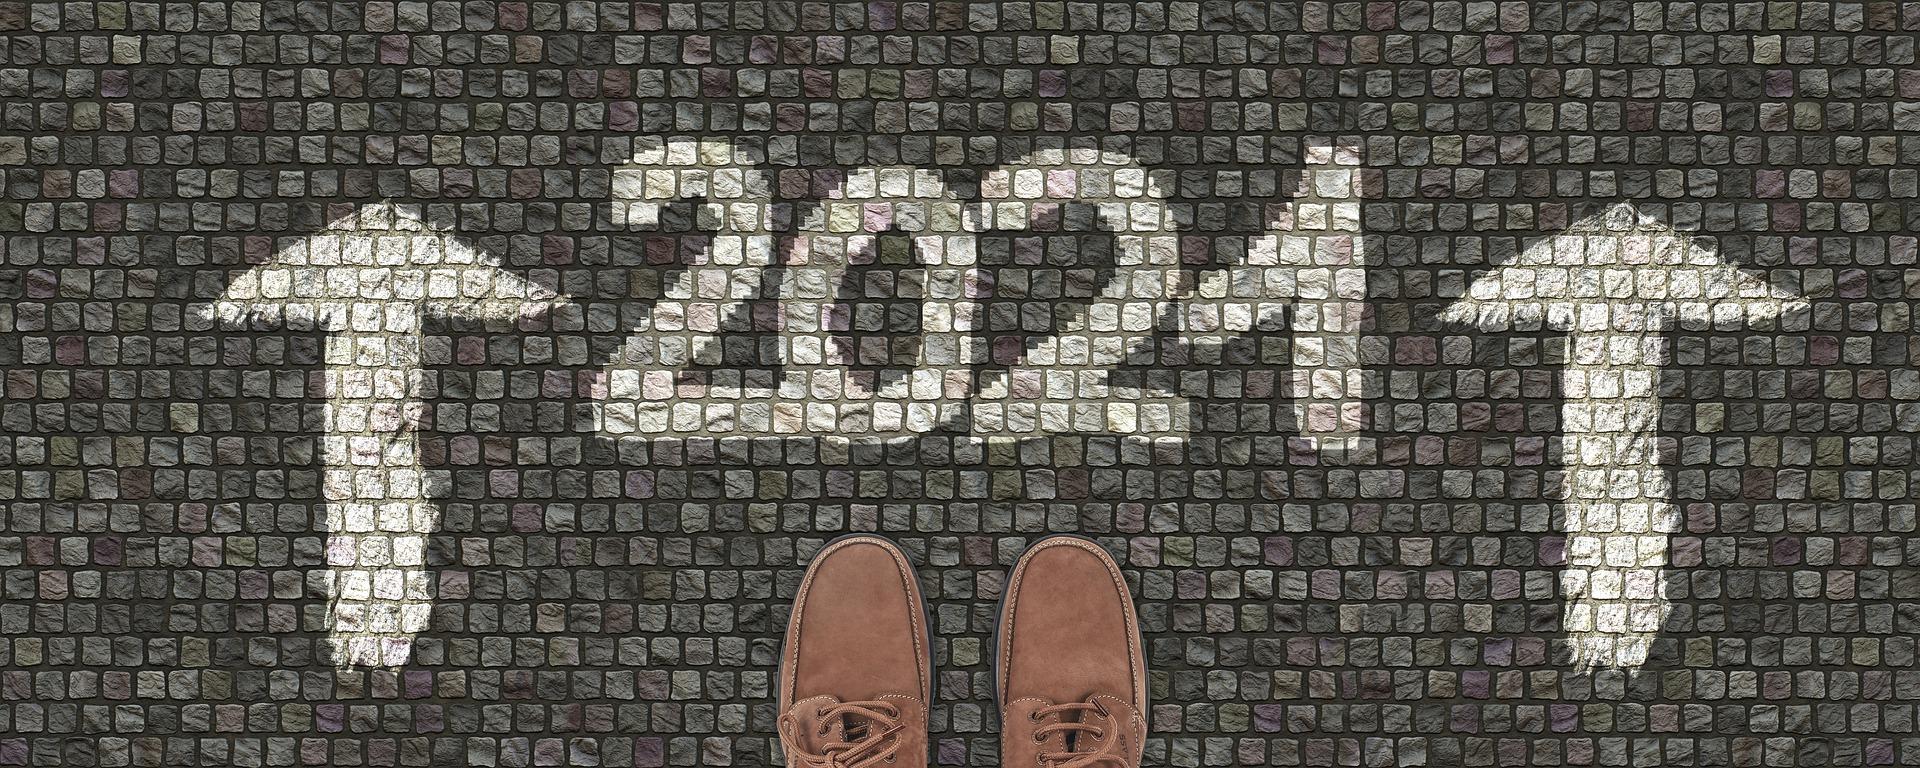 מסחר אלקטרוני 2021 מגמות שכדאי להכיר